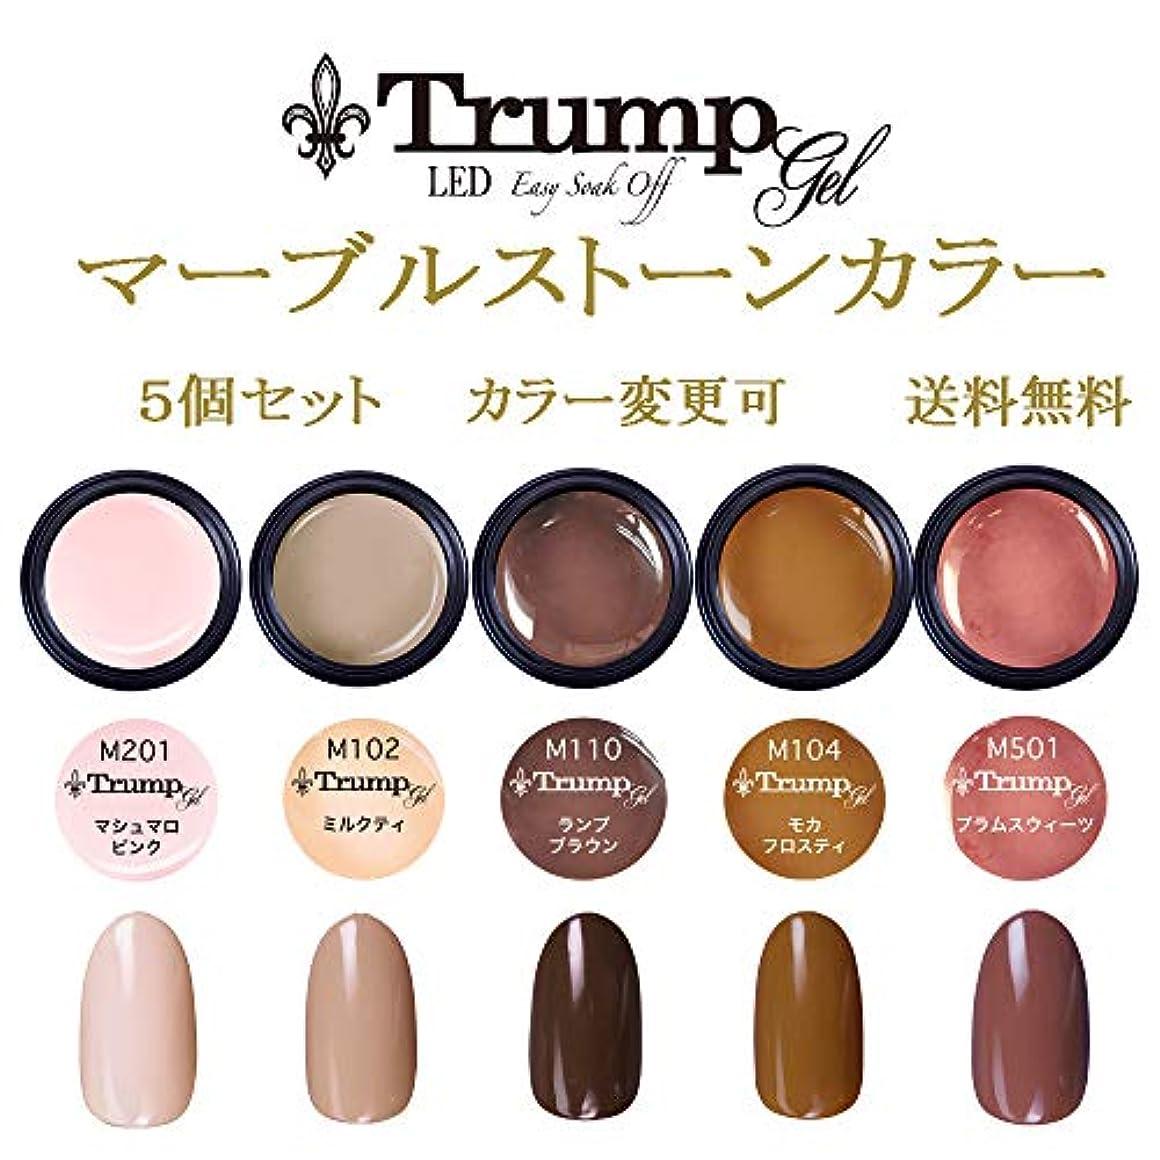 トライアスリート再現する岸【送料無料】日本製 Trump gel トランプジェル マーブルストーン カラージェル 5個セット 人気の大理石ネイルカラーをチョイス